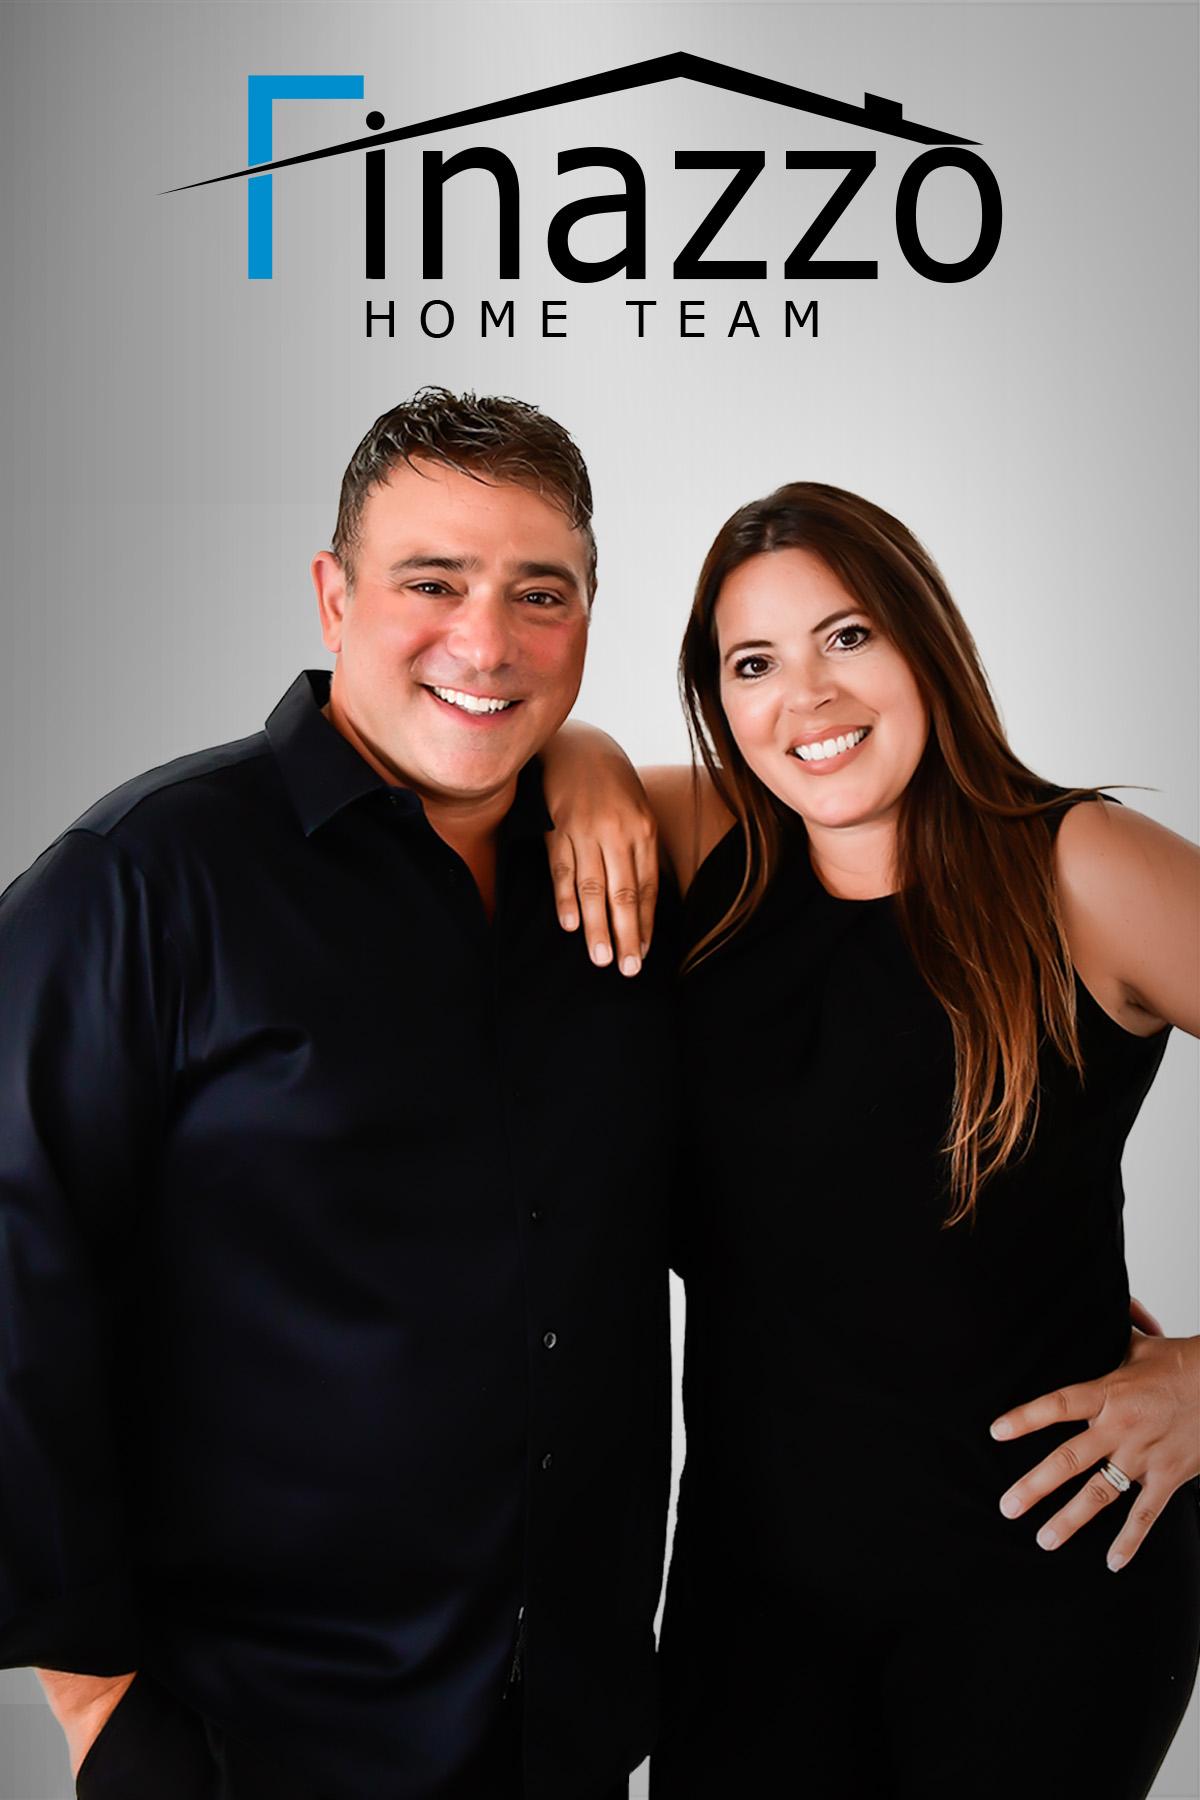 Tony & Venessa Finazzo